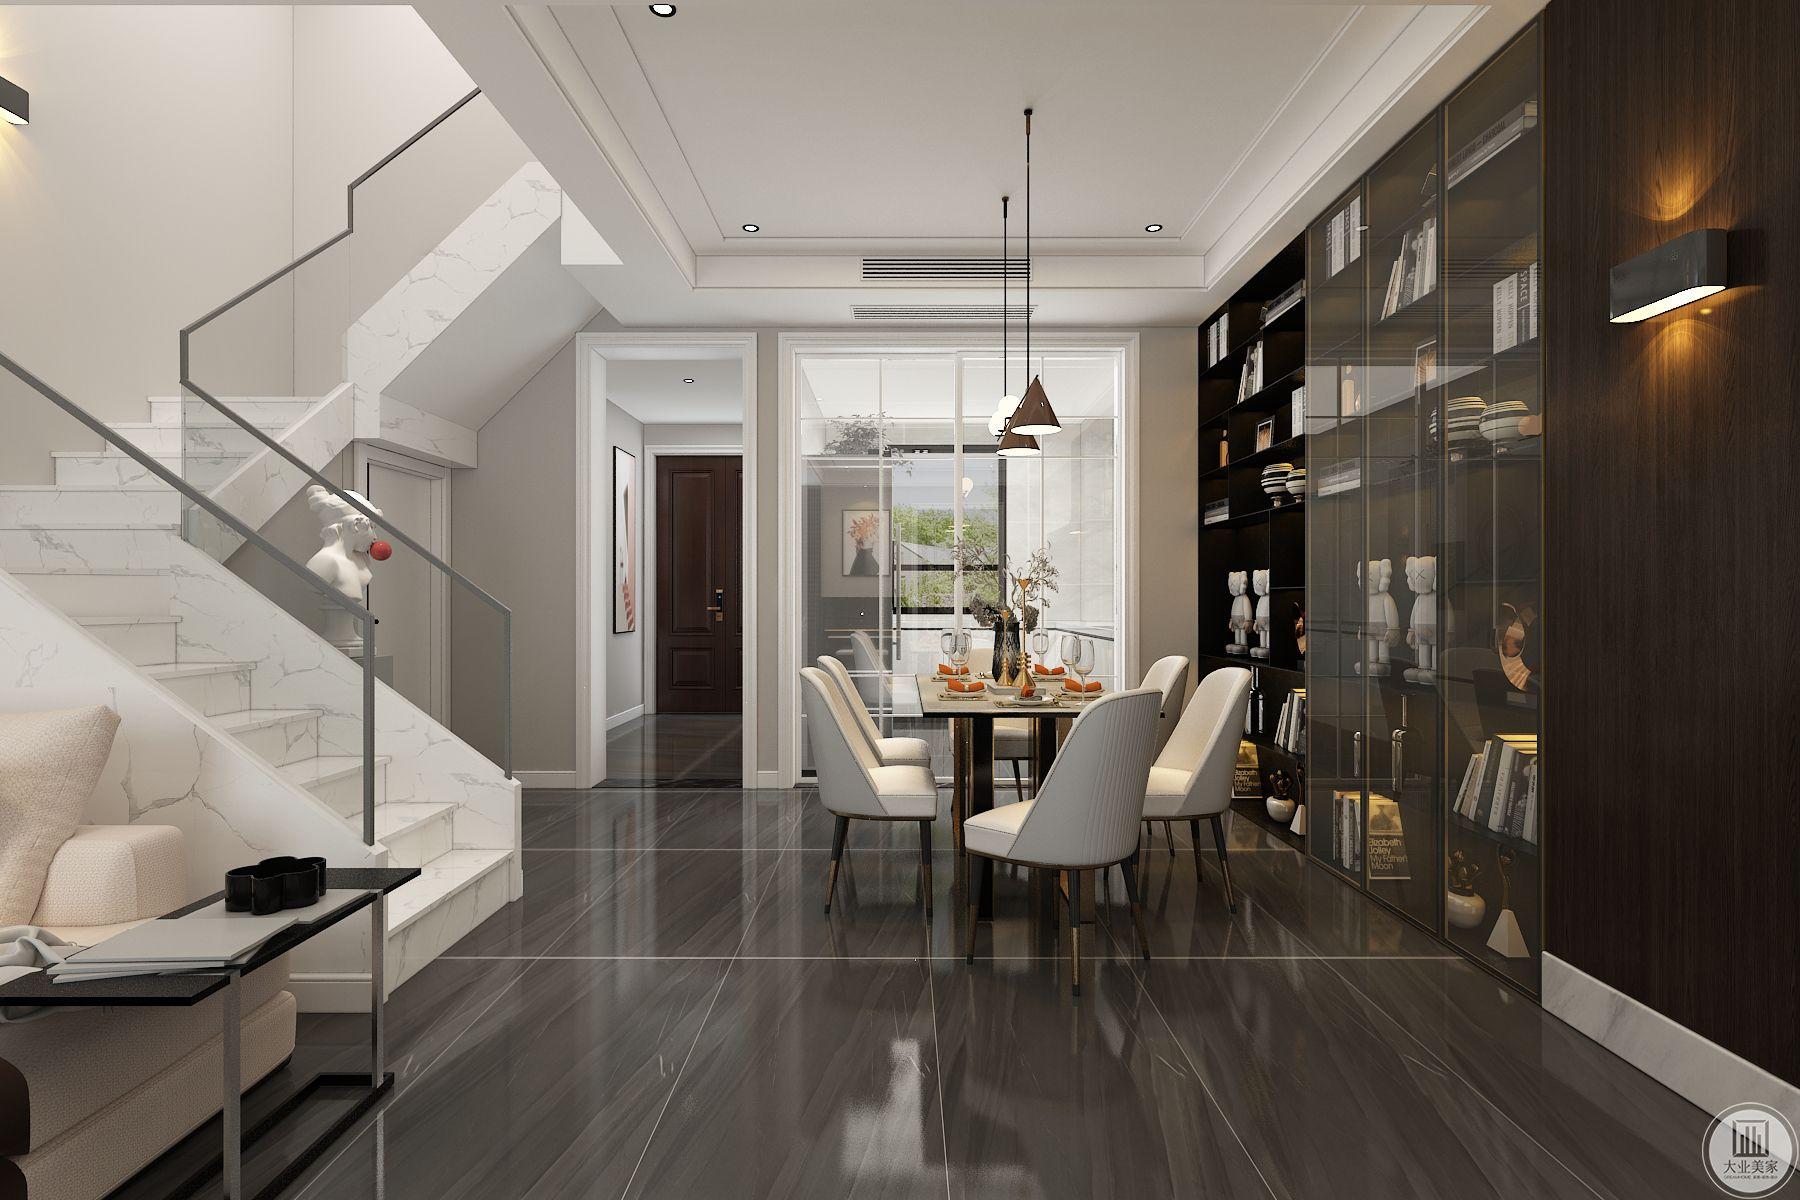 餐厅右侧全部玻璃门酒柜,酒柜内加灯槽,低调奢华